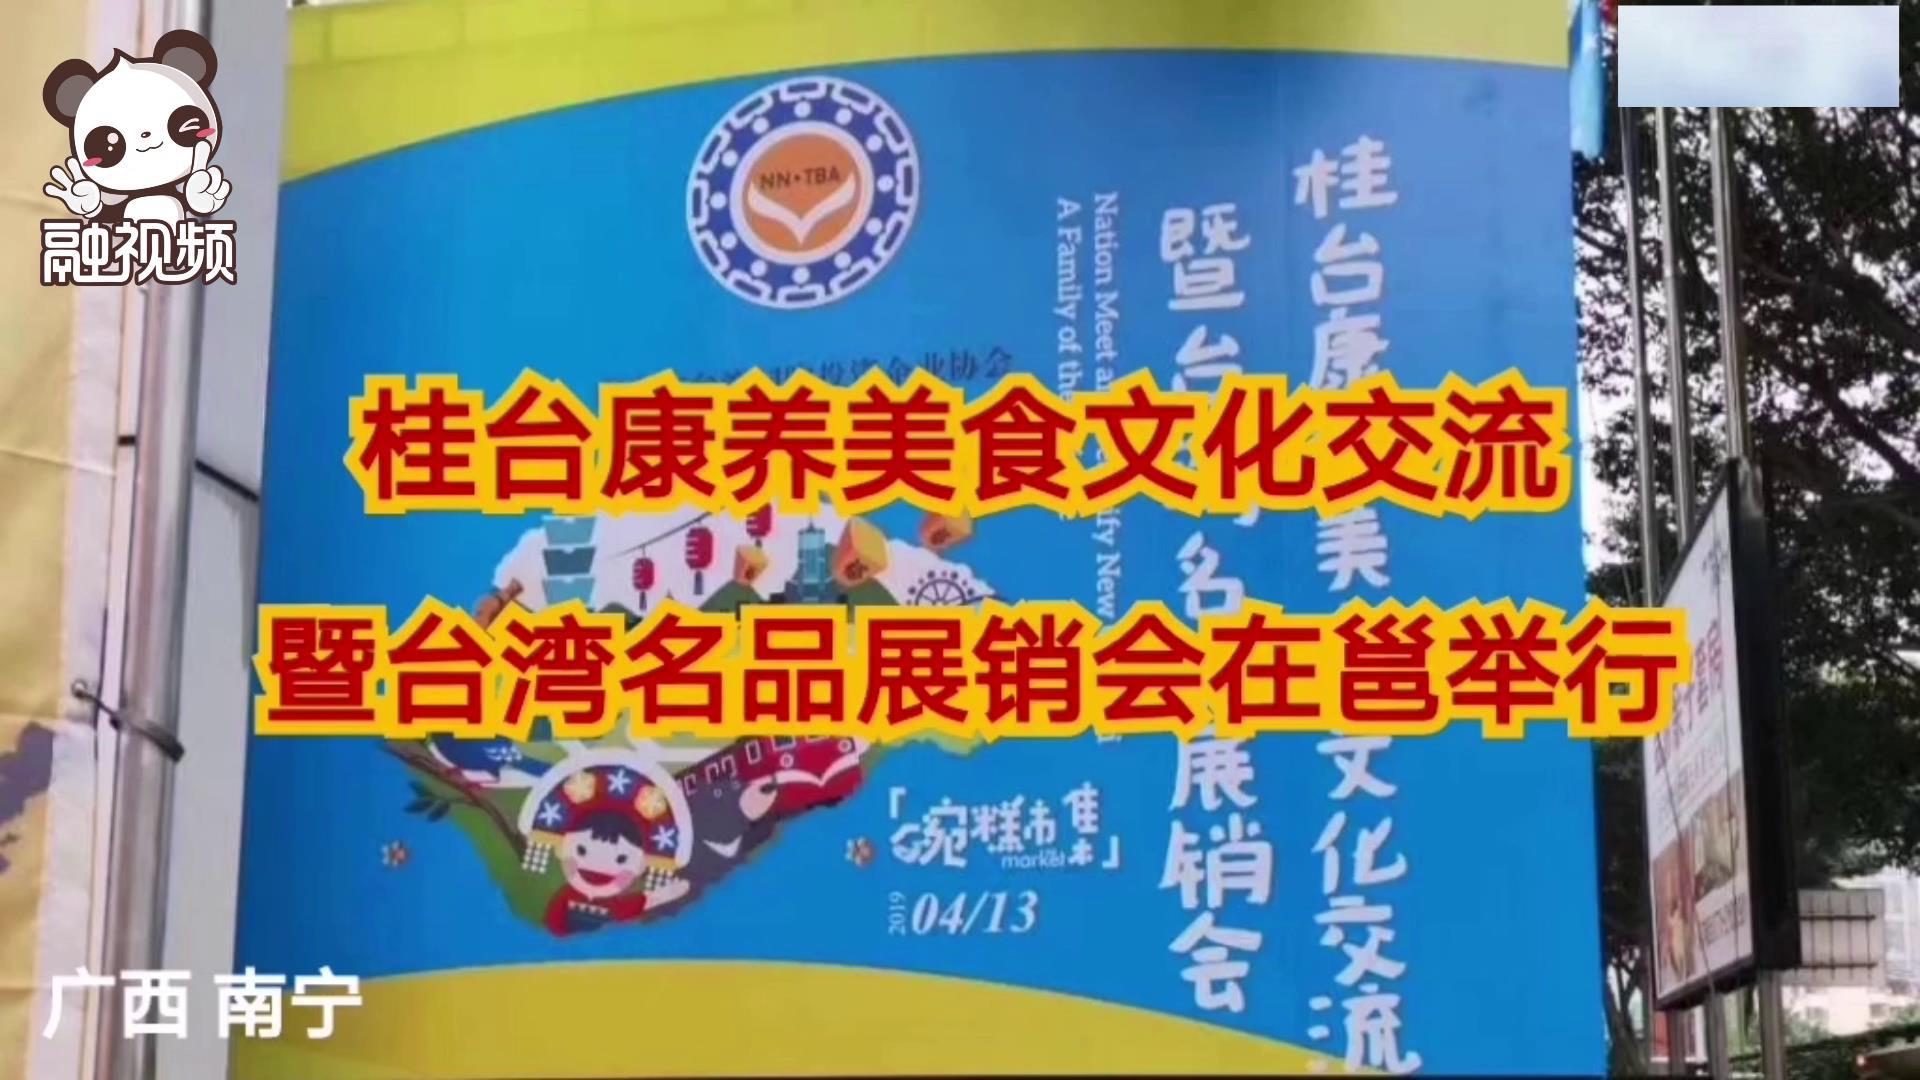 桂臺康養美食文化交流暨臺灣名品展銷會在邕舉行圖片